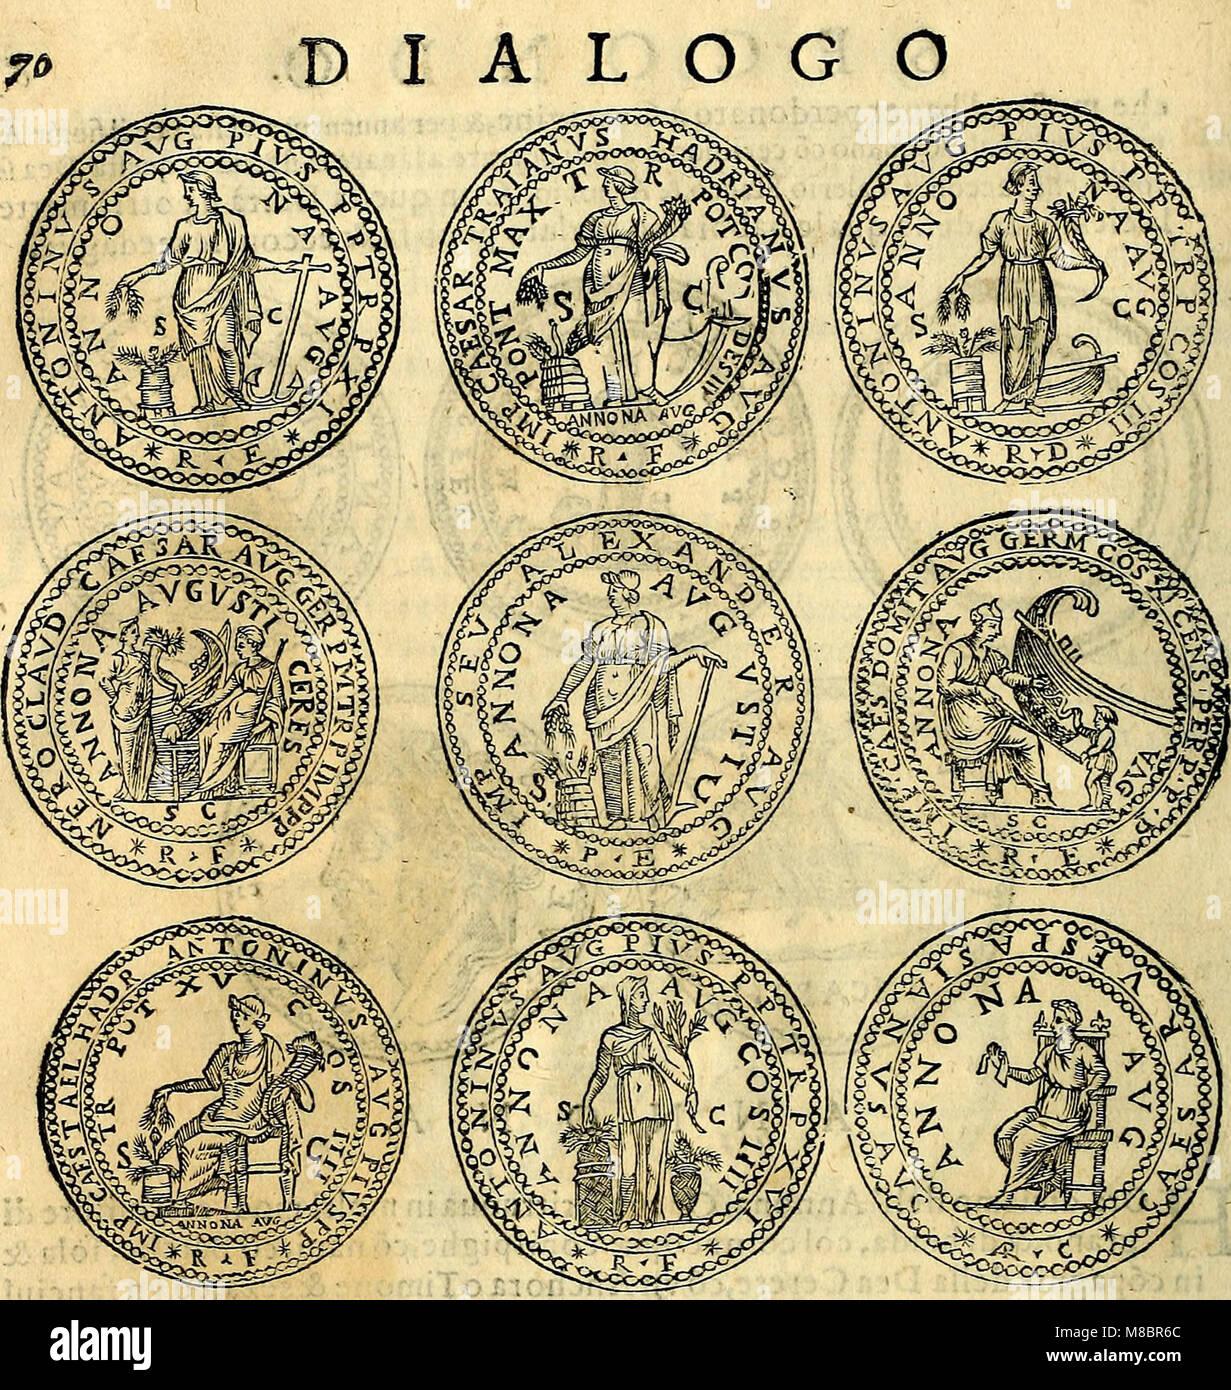 Dialoghi di don Antonio Agostini archivescovo di Taracona, intorno alle medaglie, inscrittioni, et altre antichità (1625) (14564146569) Banque D'Images